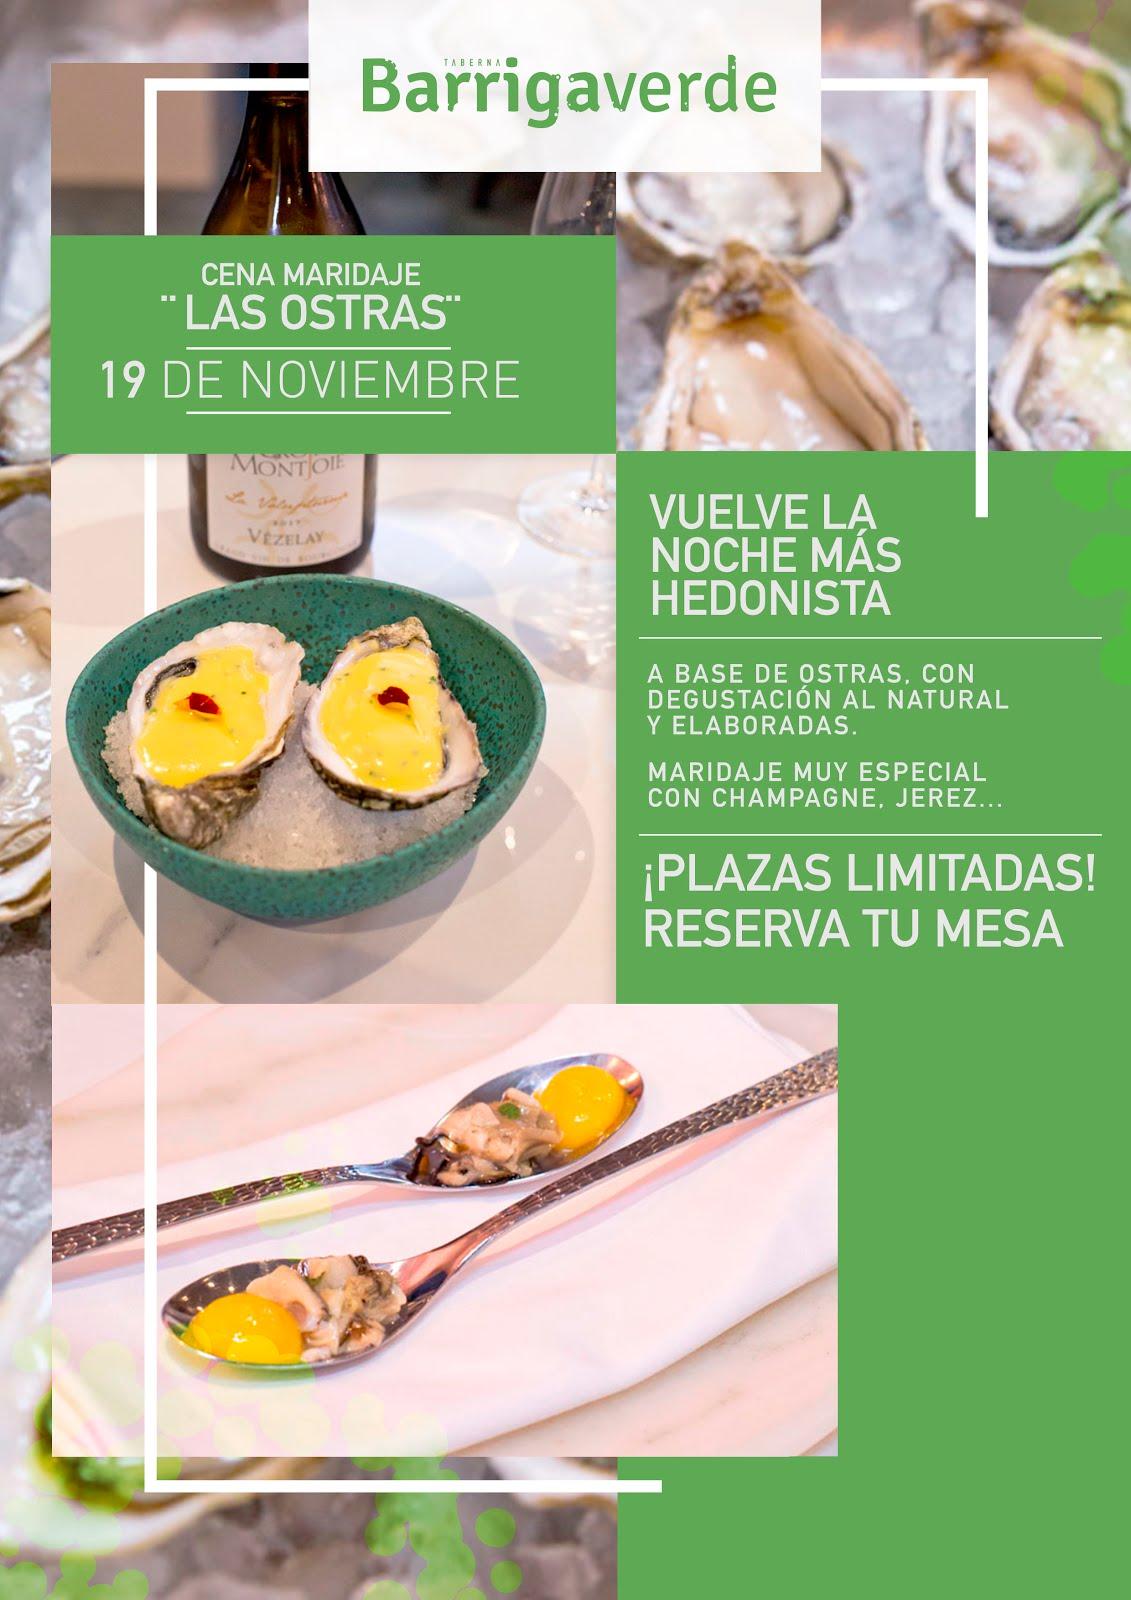 """Cena maridaje """"Las Ostras"""" en Barrigaverde Taberna."""